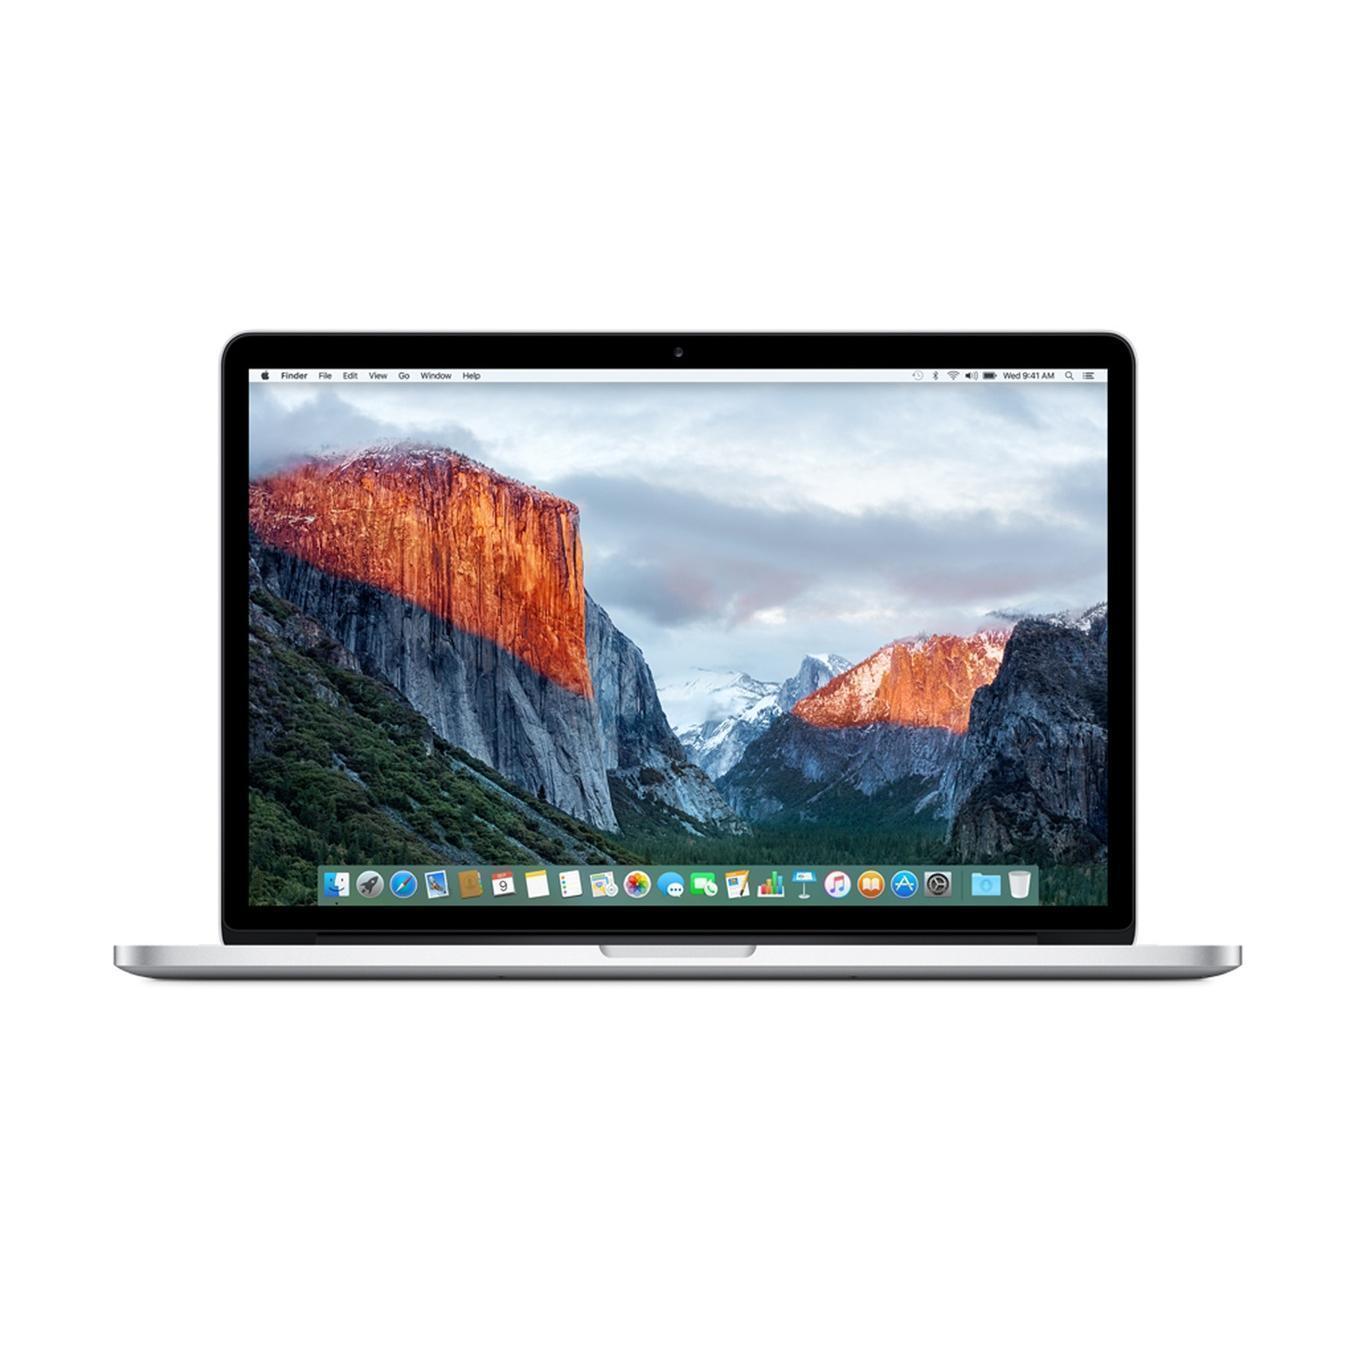 MacBook Pro Retina 15,4-tum (2014) - Core i7 - 16GB - SSD 256 GB QWERTY - Engelska (Storbritannien)